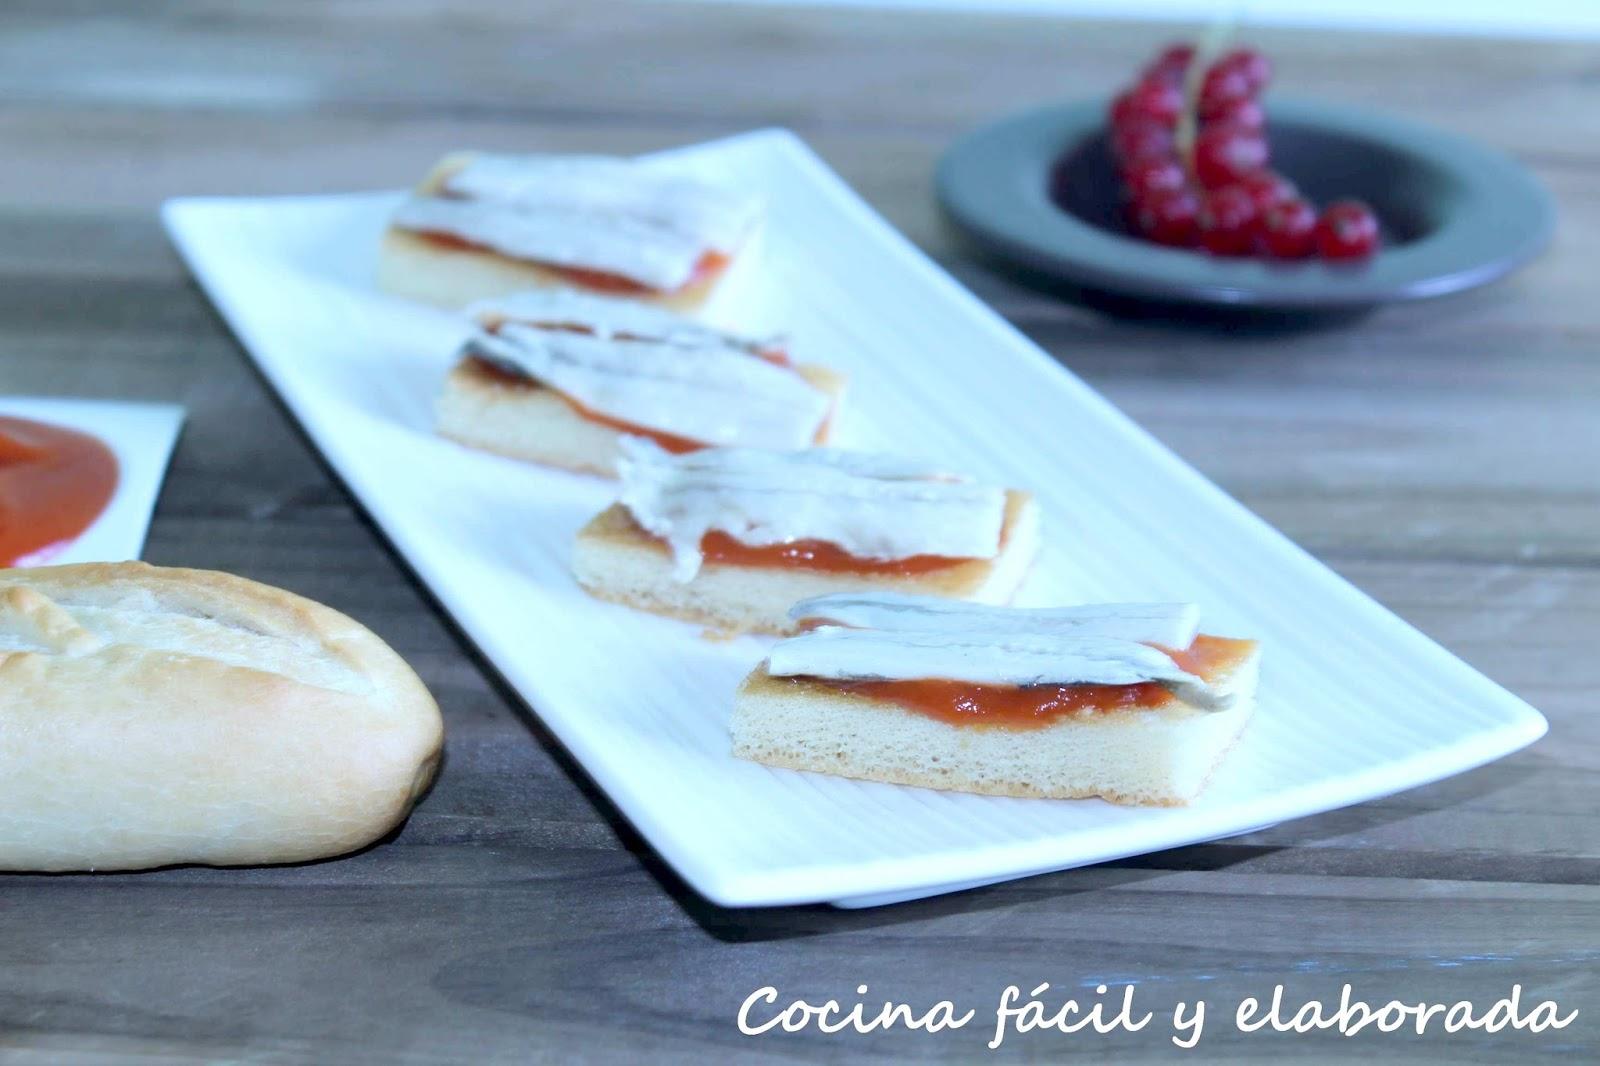 Cocina facil y elaborada aperitivo de navidad express 30 - Cocina navidad facil ...